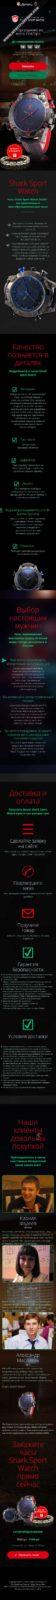 Скриншот Готового лендинга Часы Shark Sport Watch 001 - моб